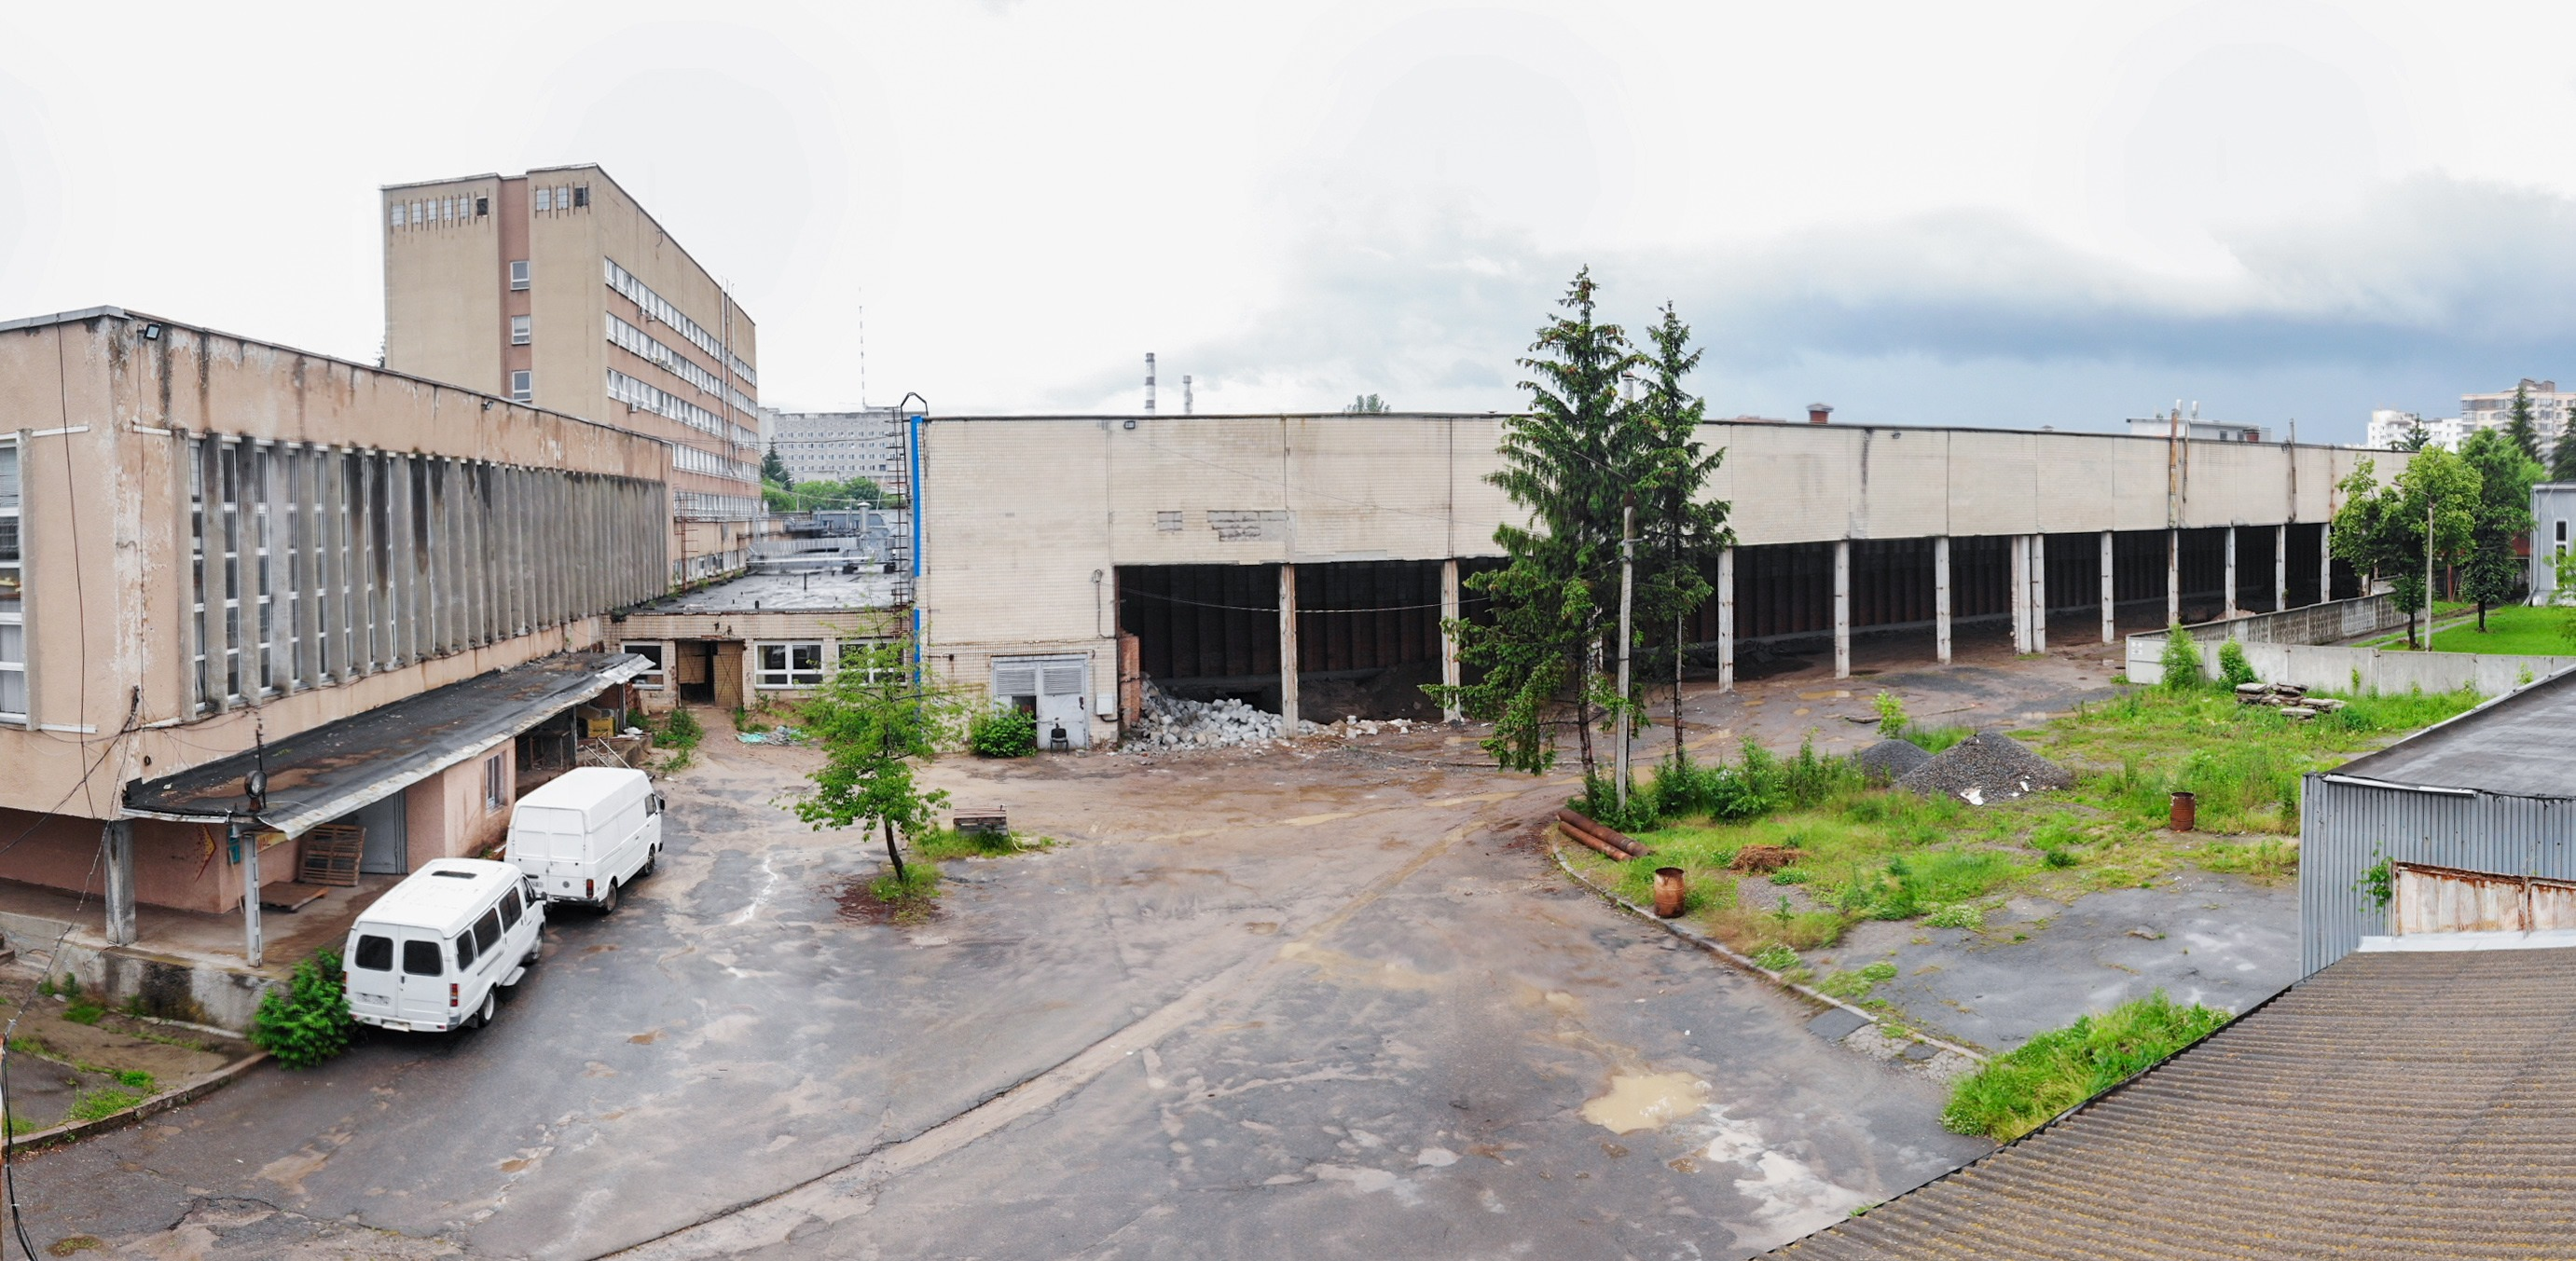 """ІТ-школа, лабораторія стартапів та навчальні центри: Сергій Моргунов показав, як виглядатиме після реконструкції технопарк """"Кристал"""""""